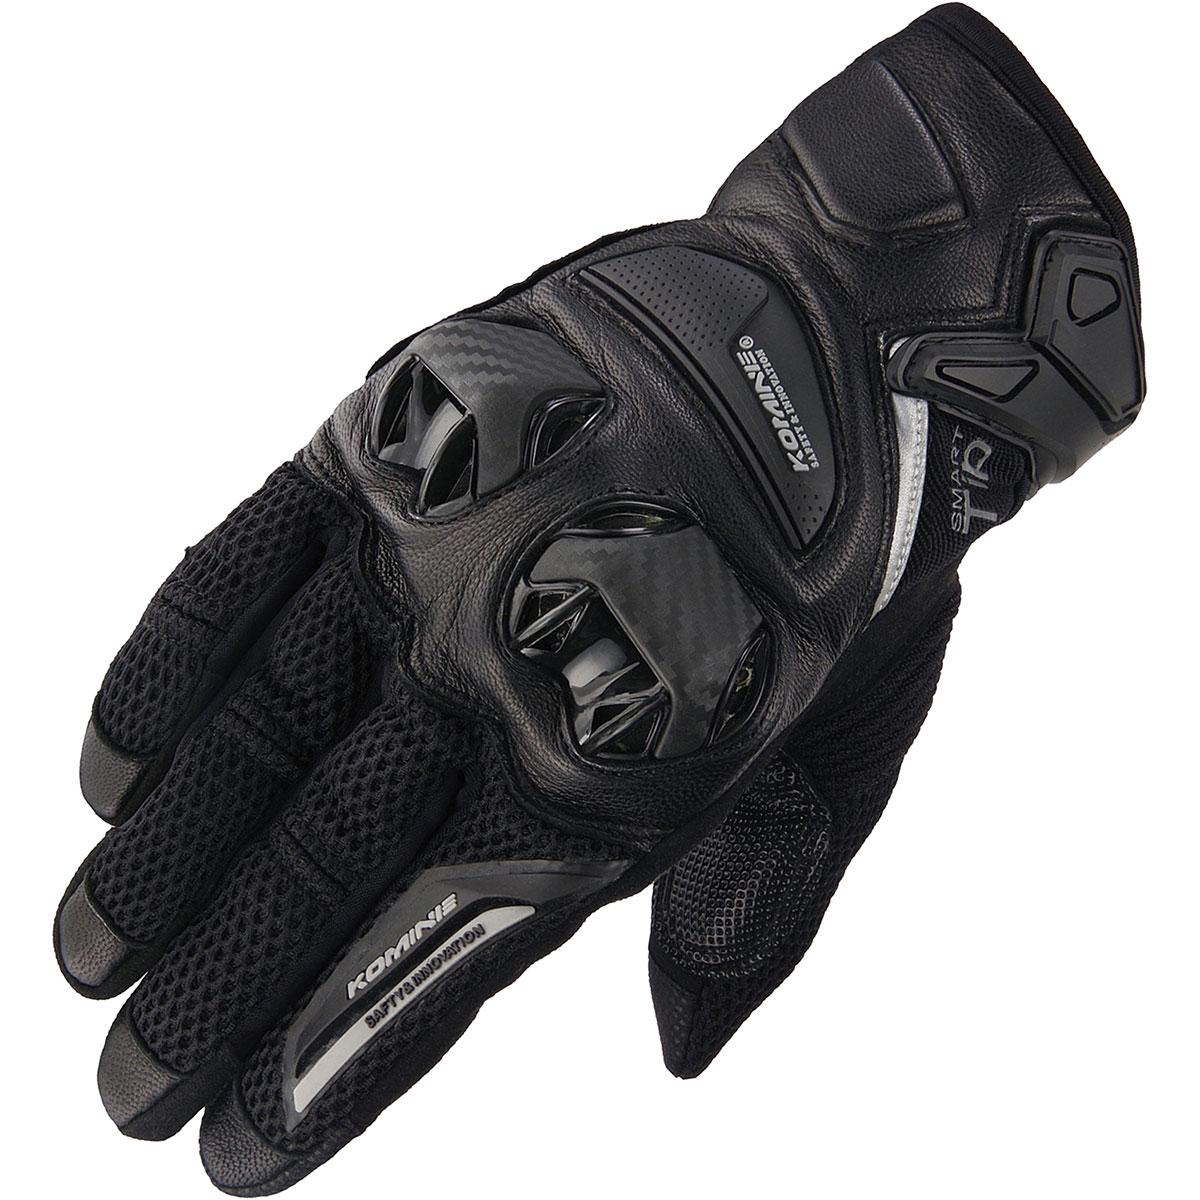 コミネ (Komine) バイク用 グローブ Gloves GK-234 プロテクトレザーメッシュグローブ ブラック 黒 Mサイズ 06-234/BK/M